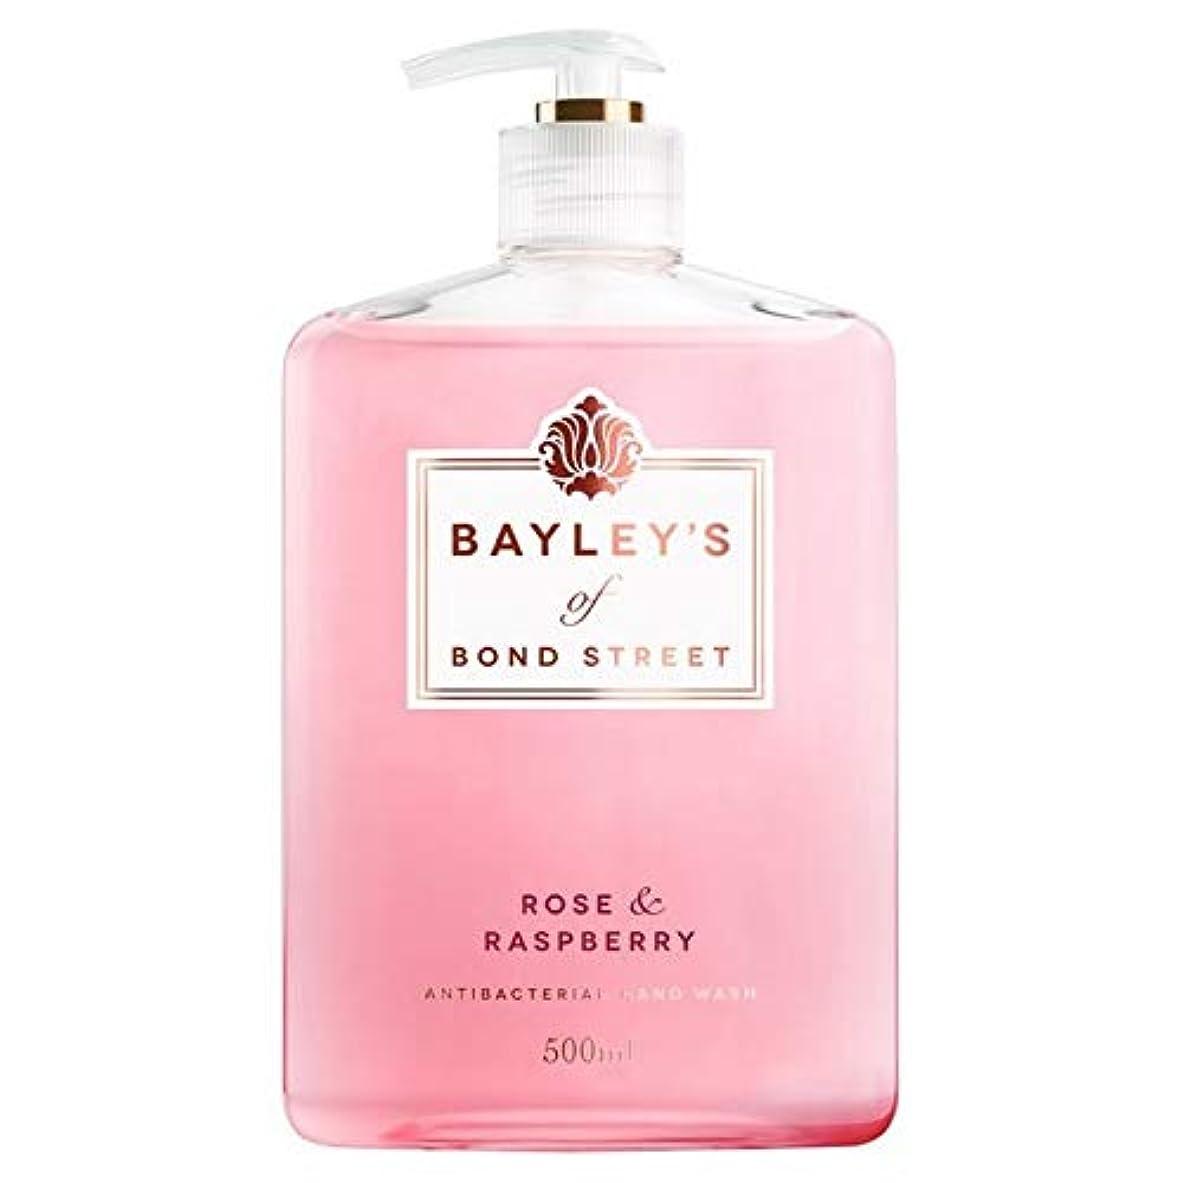 技術脆いミュート[Bayley's of Bond Street ] ベイリーのボンドストリートのは、ローズ&ラズベリーのハンドウォッシュ500ミリリットル - Bayley's of Bond Street Rose & Raspberry...